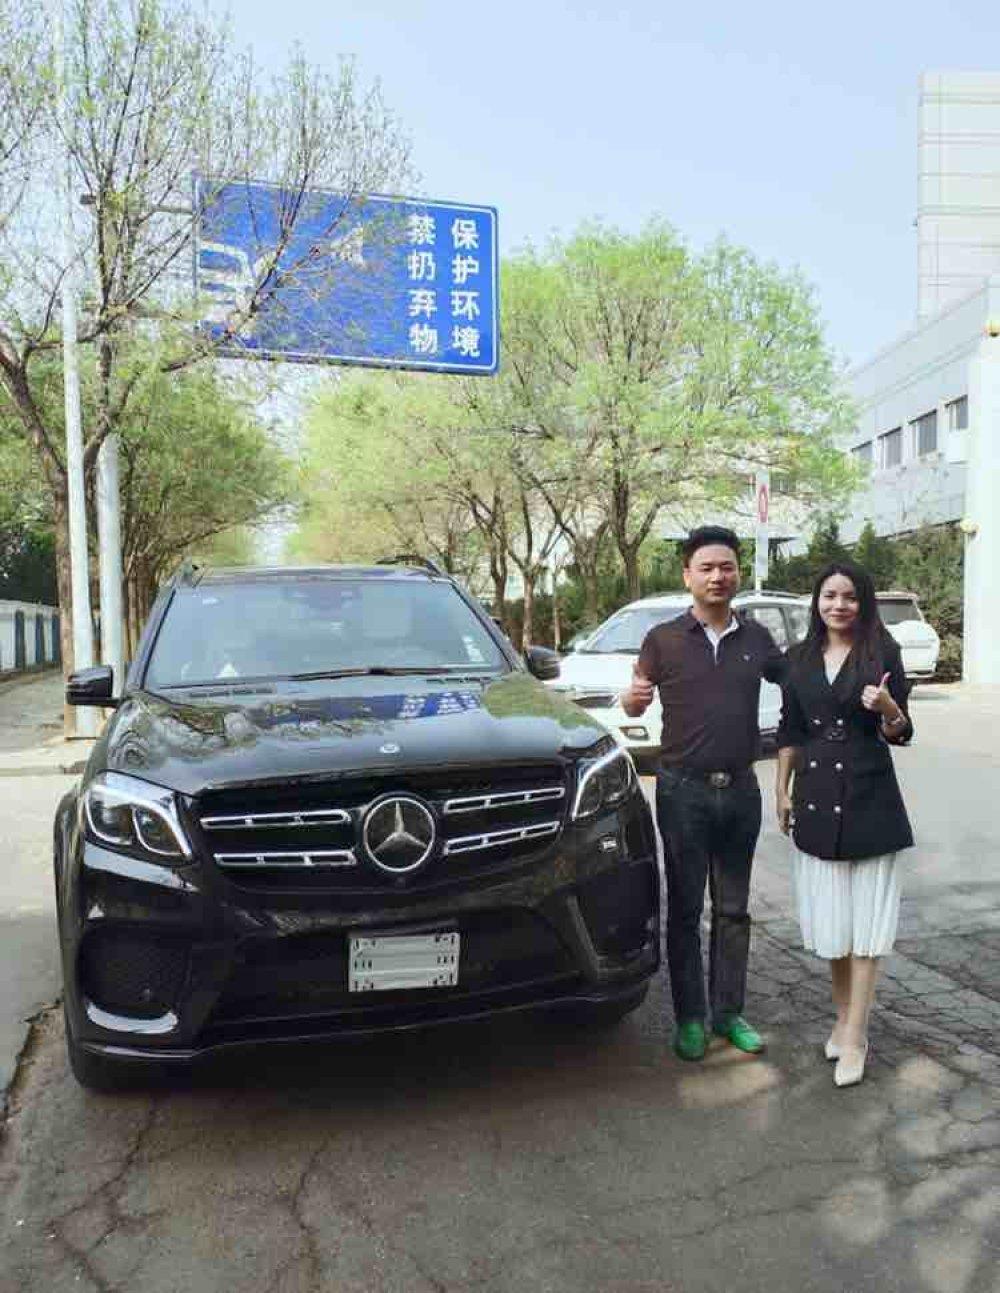 恭喜*深圳李总喜提奔驰GLS450顶配,感谢您的信任与支持,祝家庭幸福美满,事业蒸蒸日上!